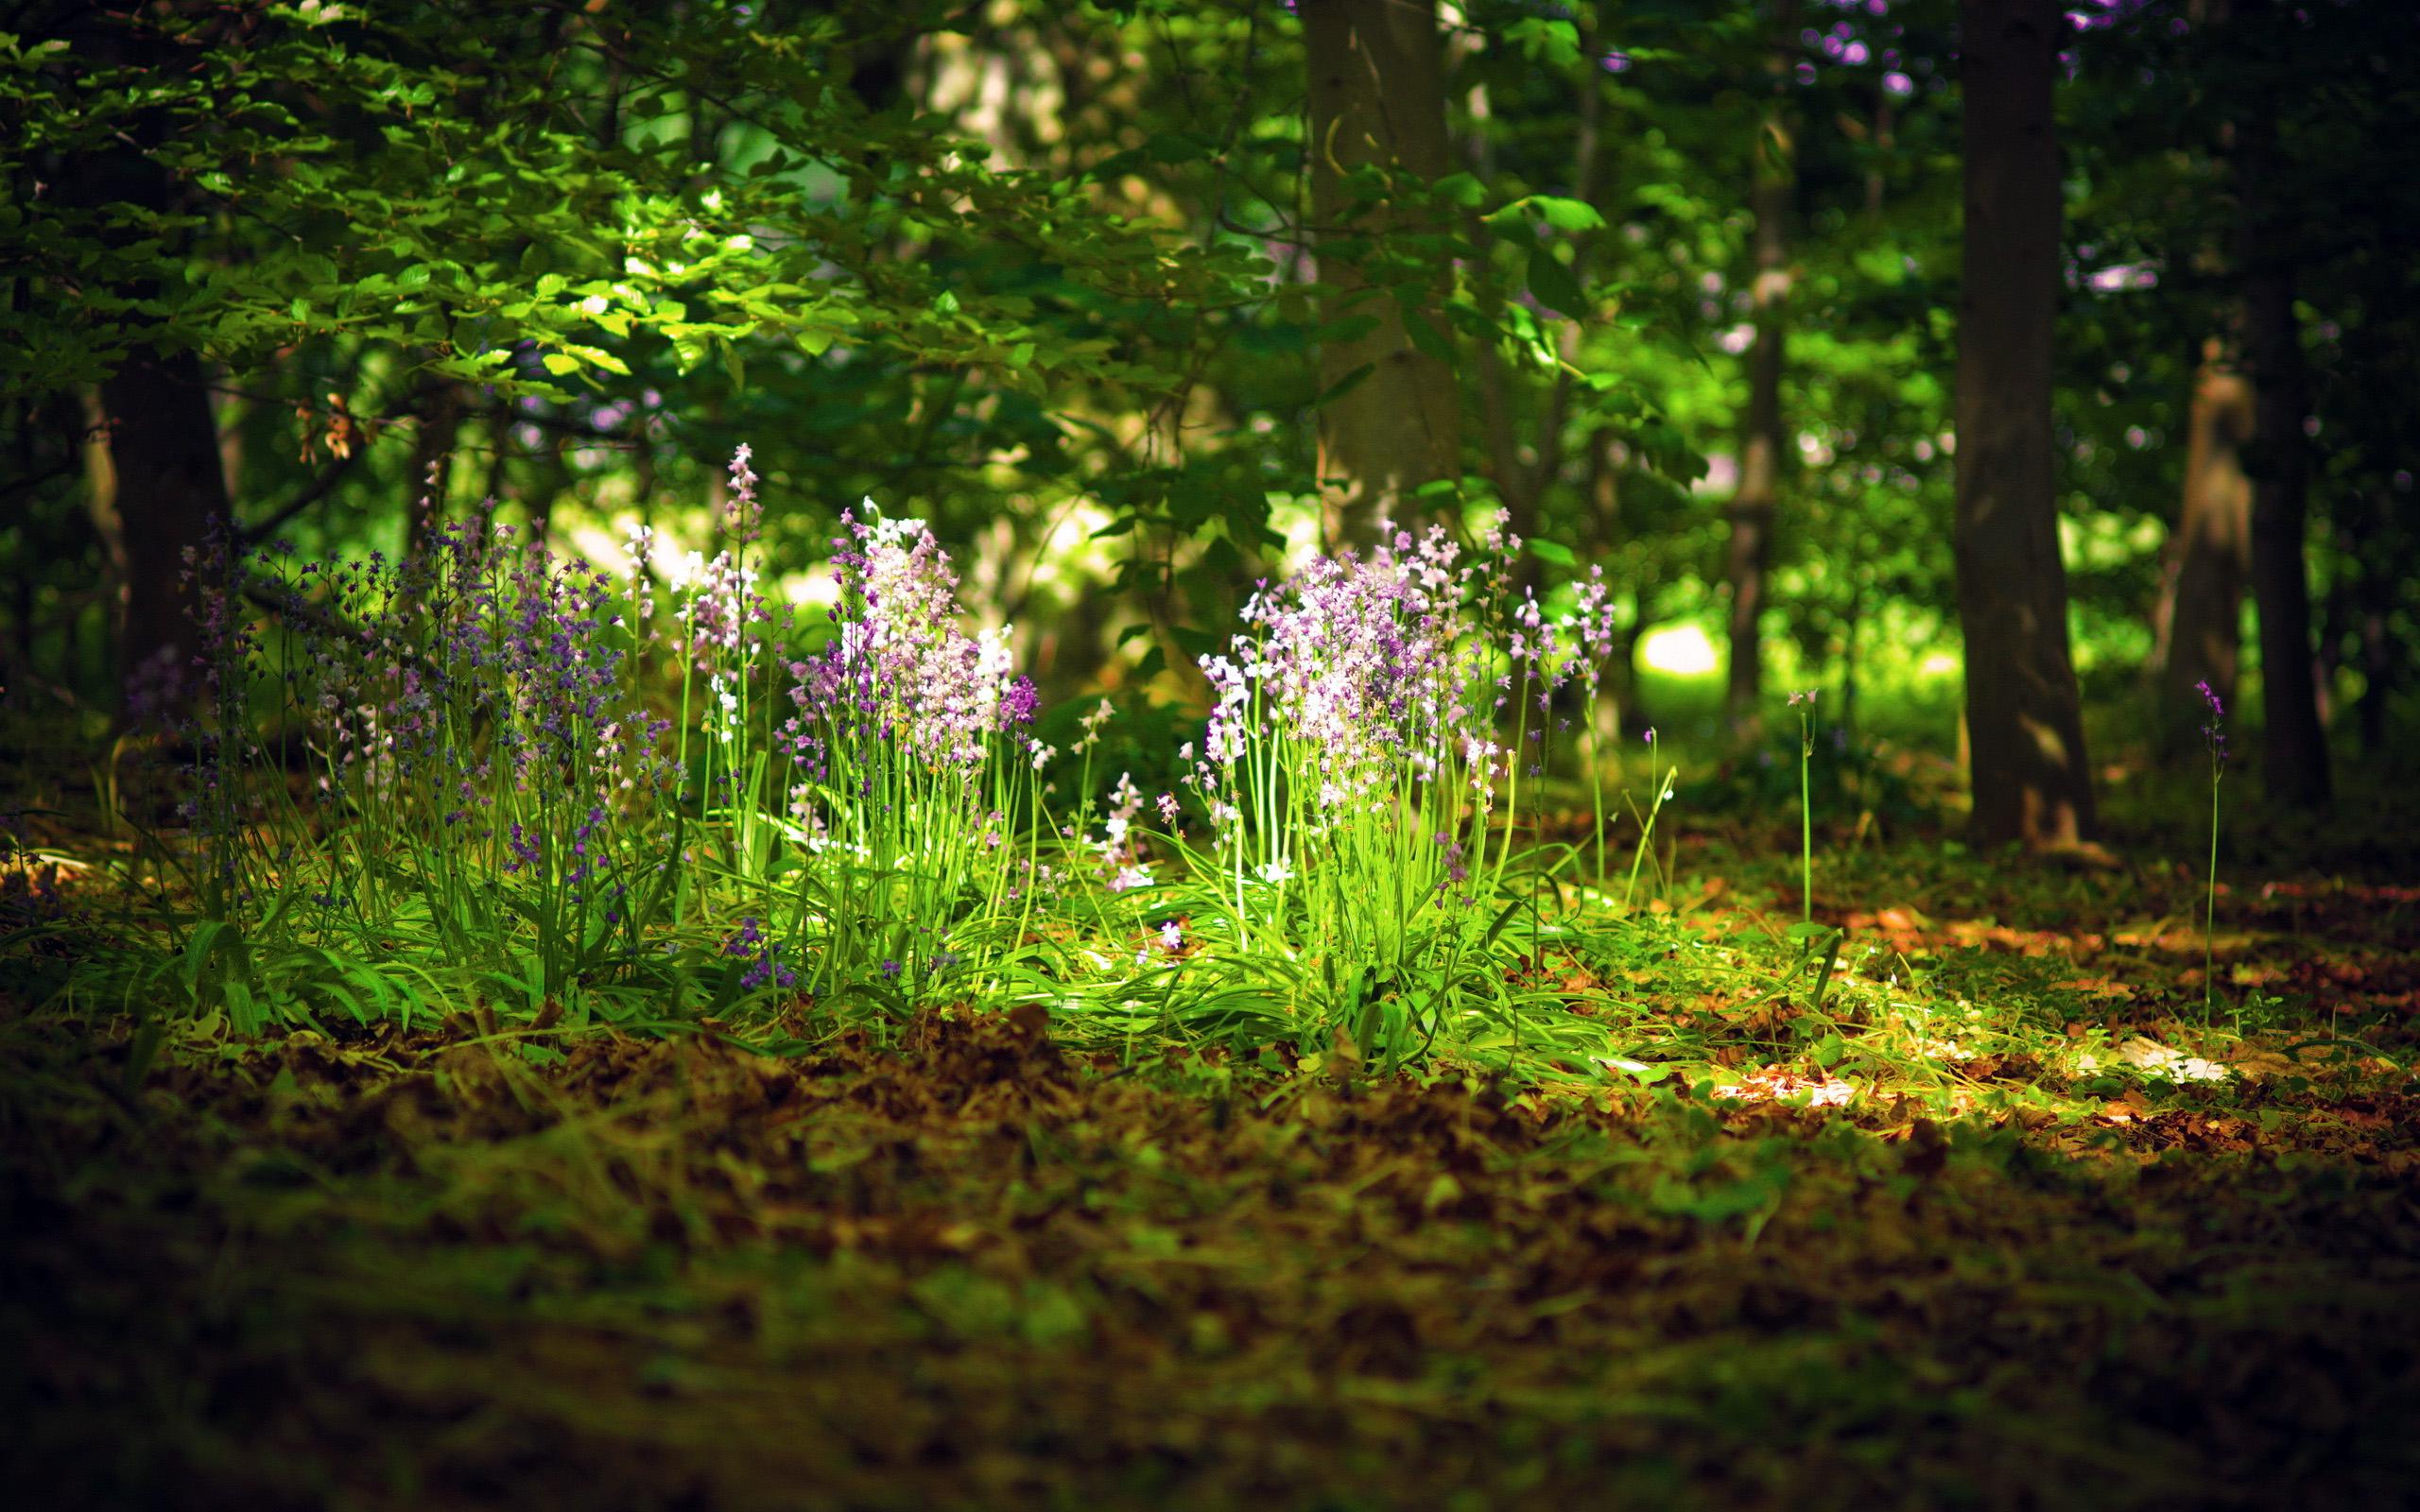 HDoboi.Kiev.ua - Цветы на поляне в лесу, обои про лето